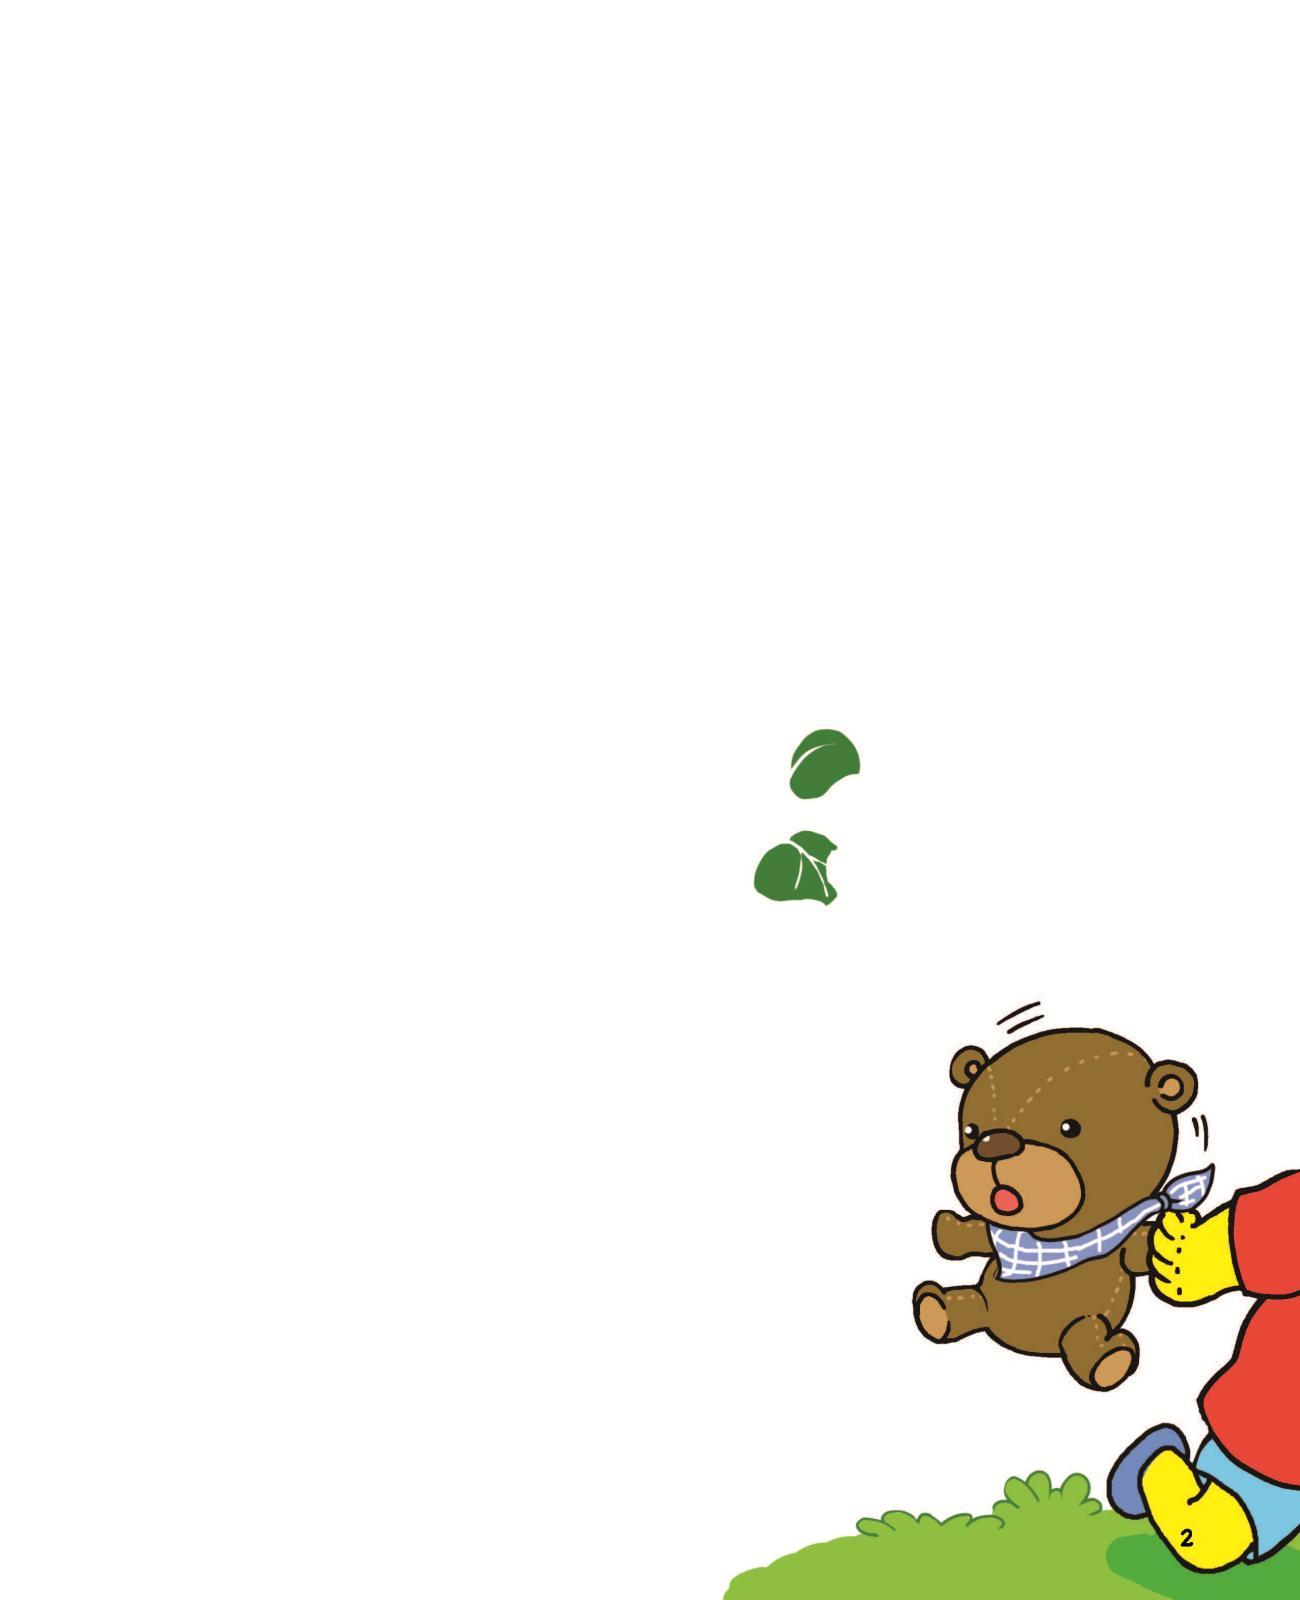 ppt 背景 背景图片 边框 动漫 卡通 漫画 模板 设计 头像 相框 1300